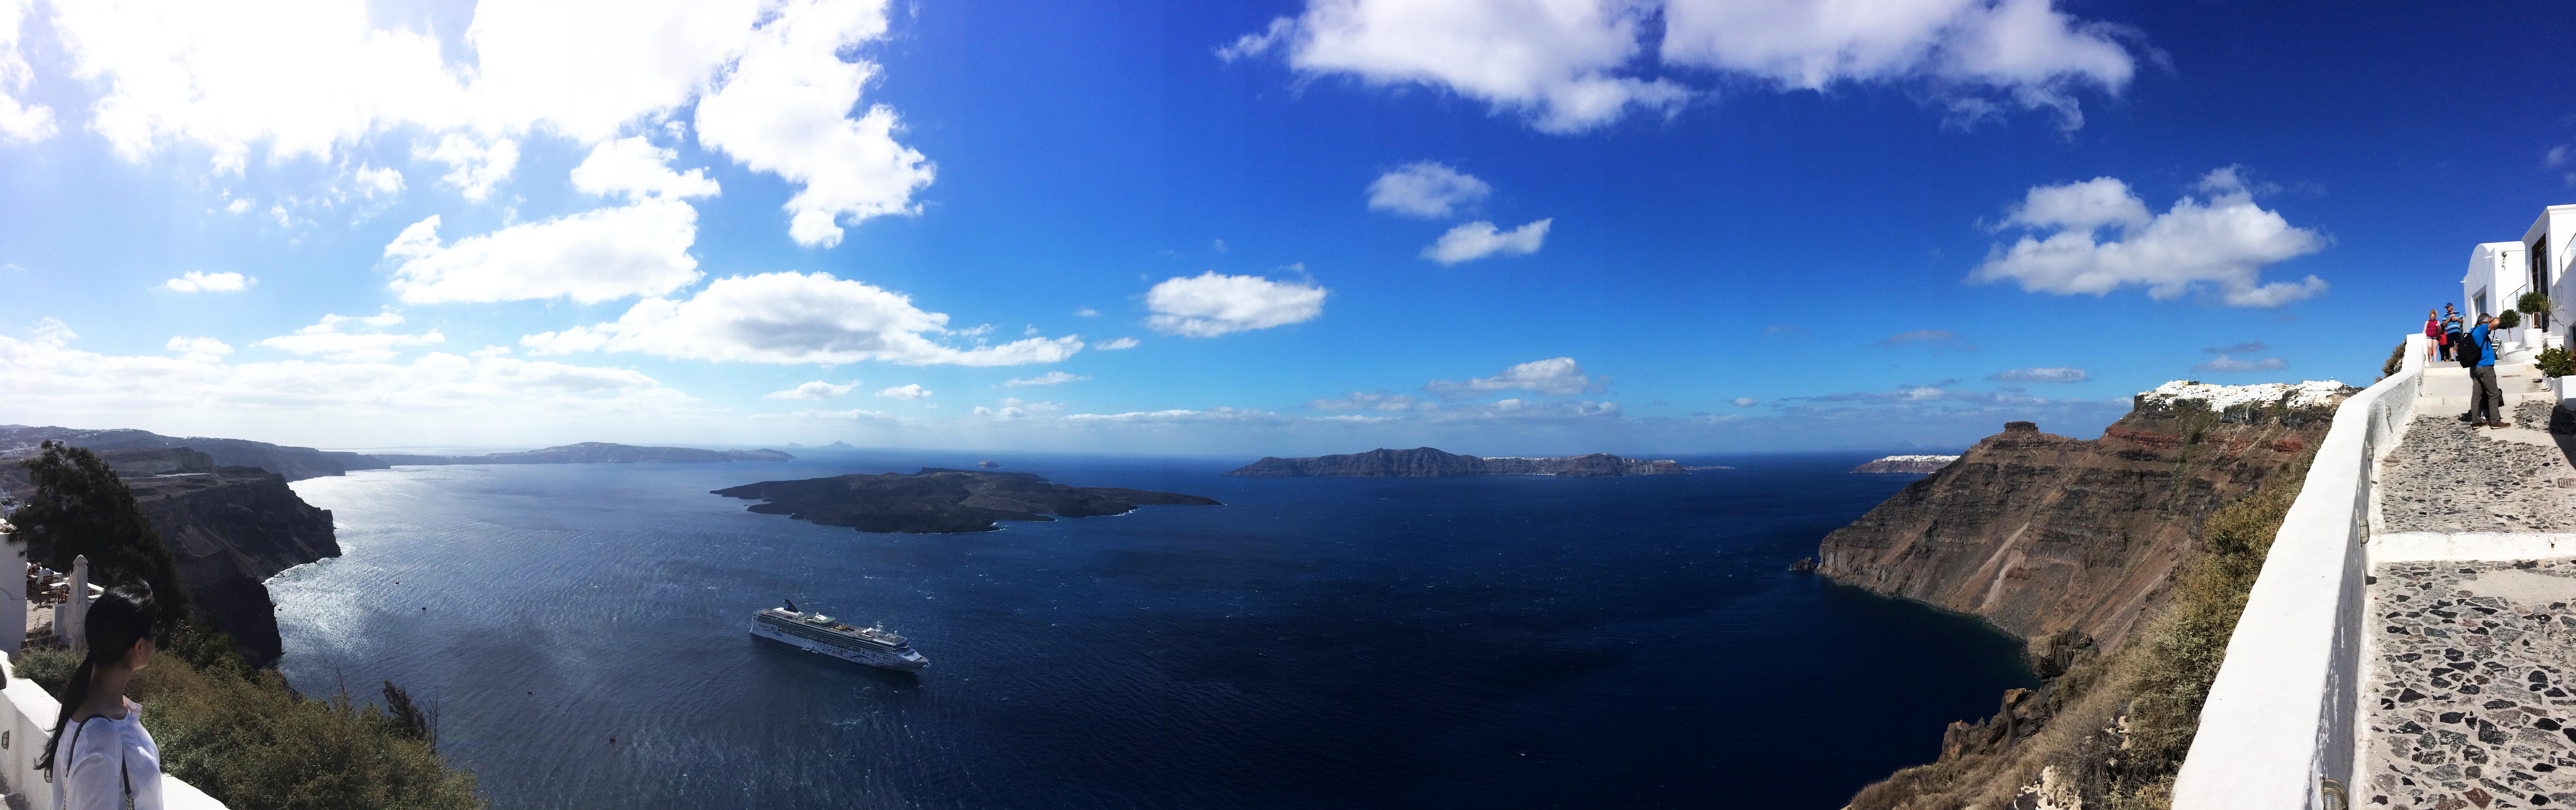 brod kruzer Santorini Grčka morski otoci panorama pejzaž